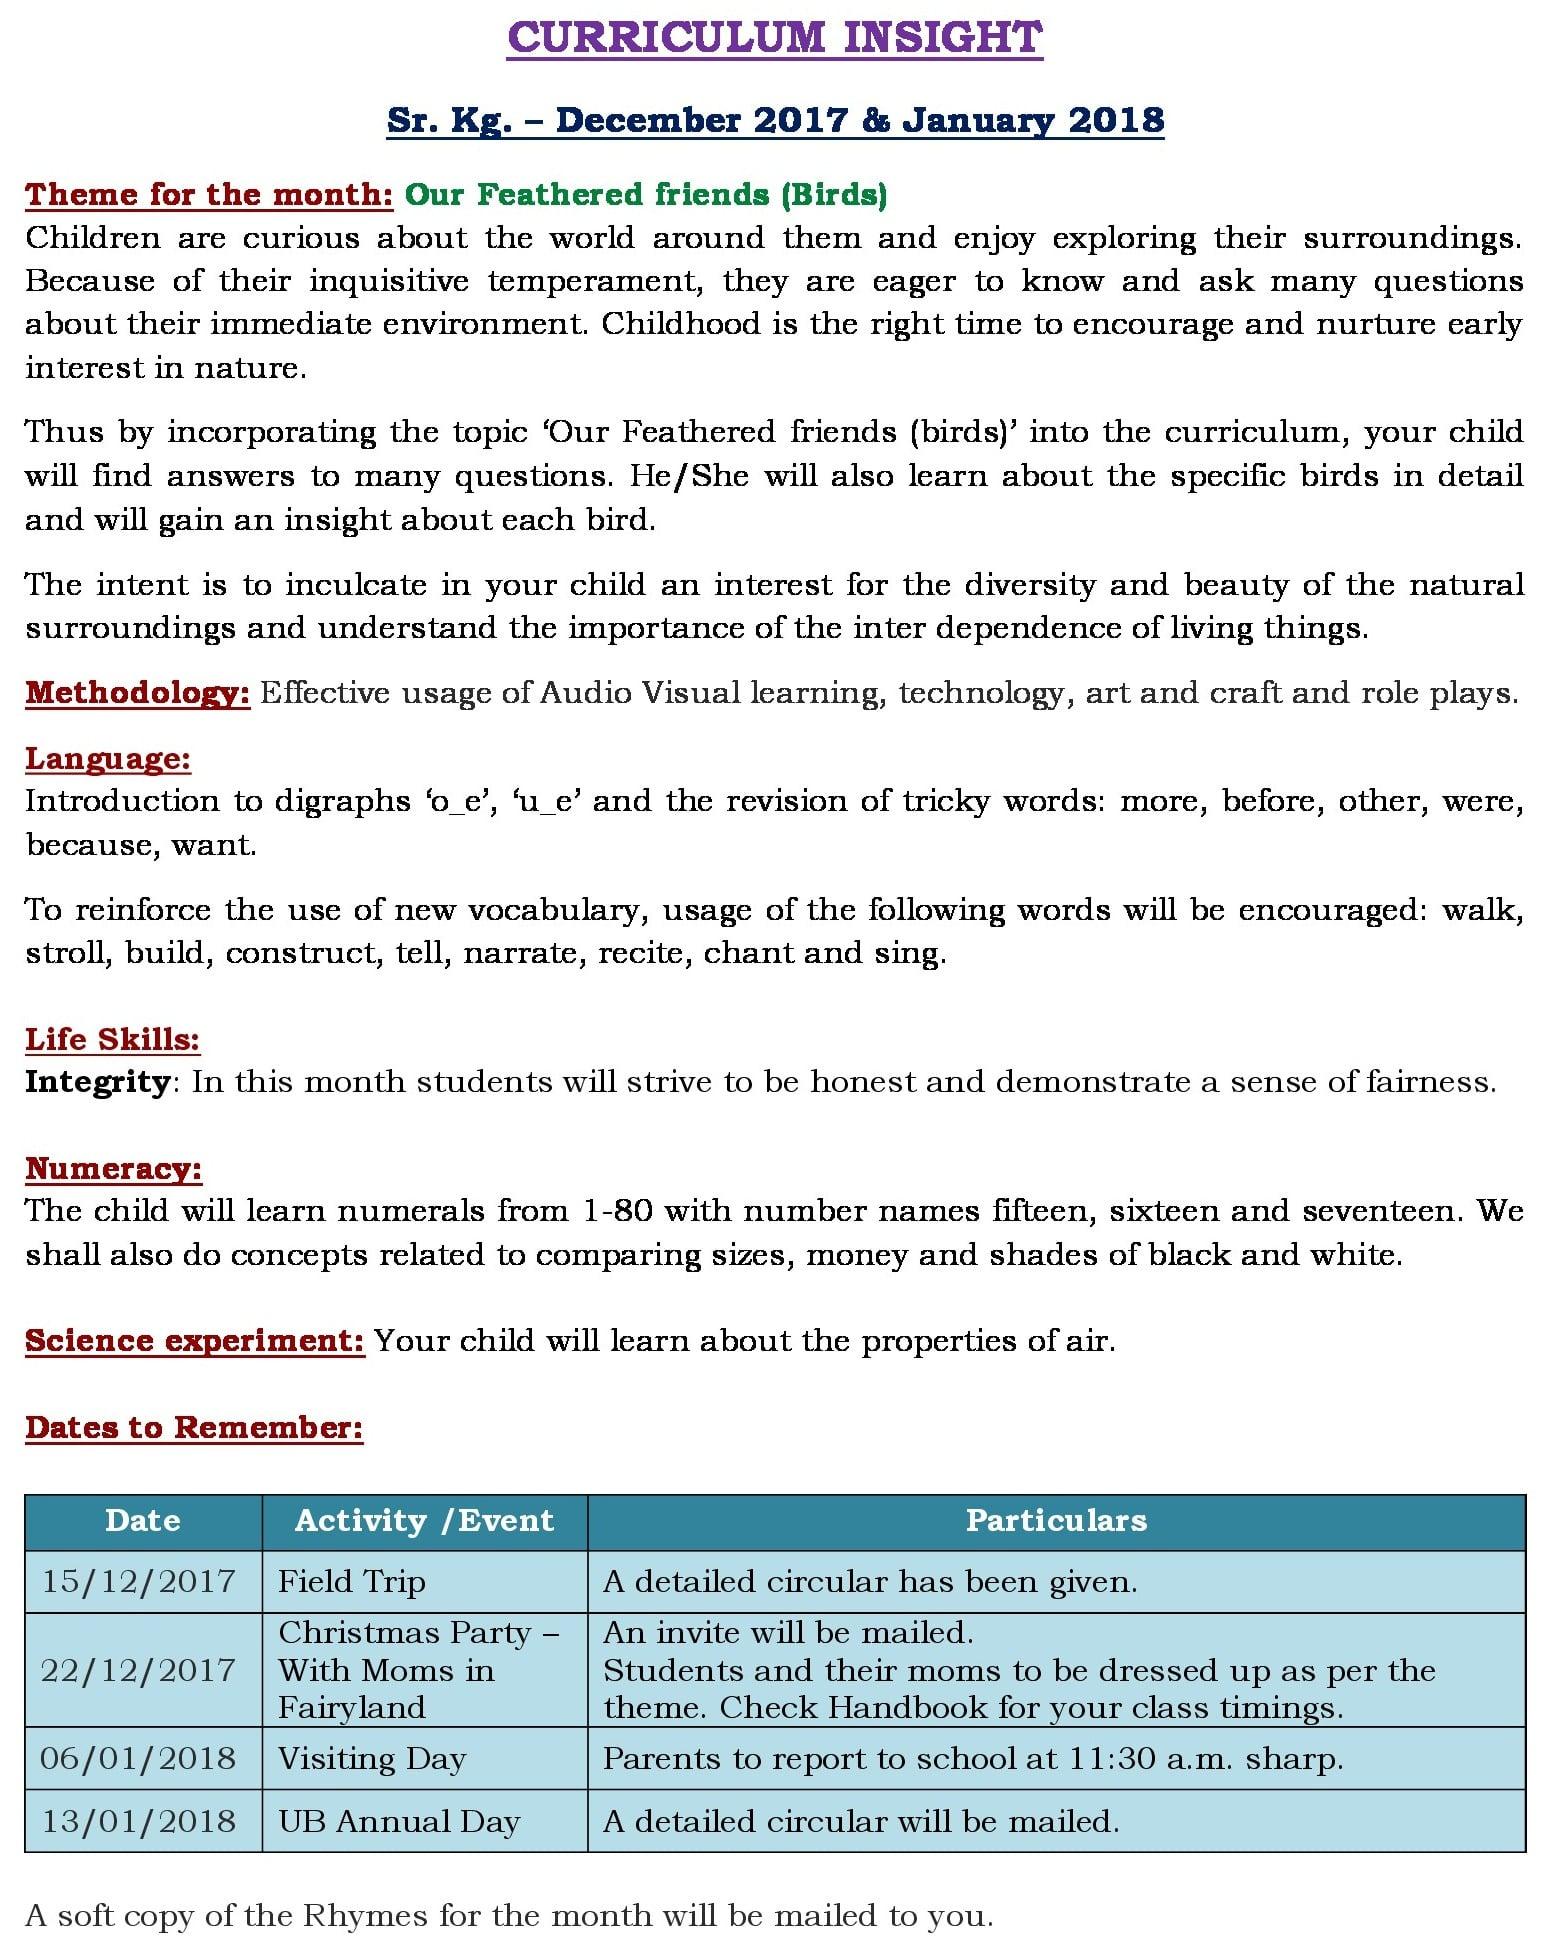 Unit 7 Curriculum Insight